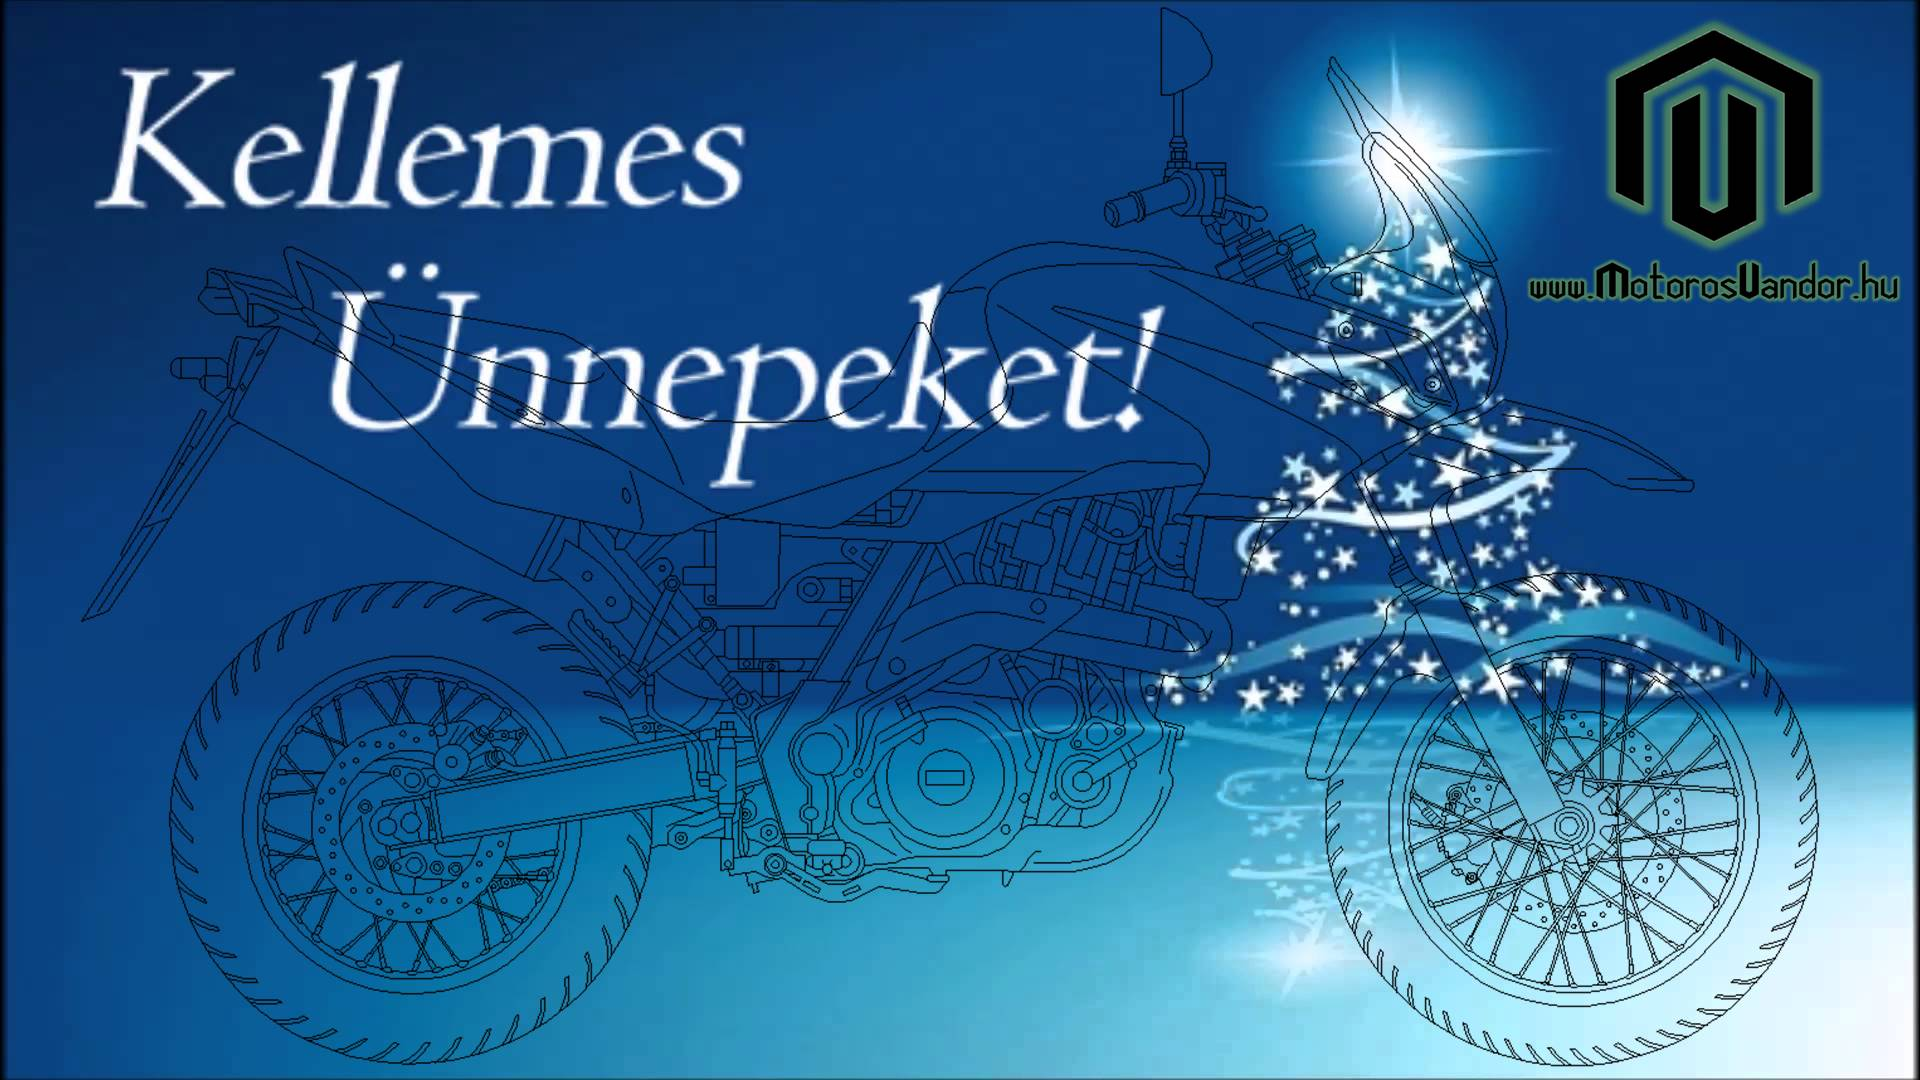 Kellemes karácsonyt, sok szép időt, széles utat, és gumifákat kívánok mindenkinek! :)